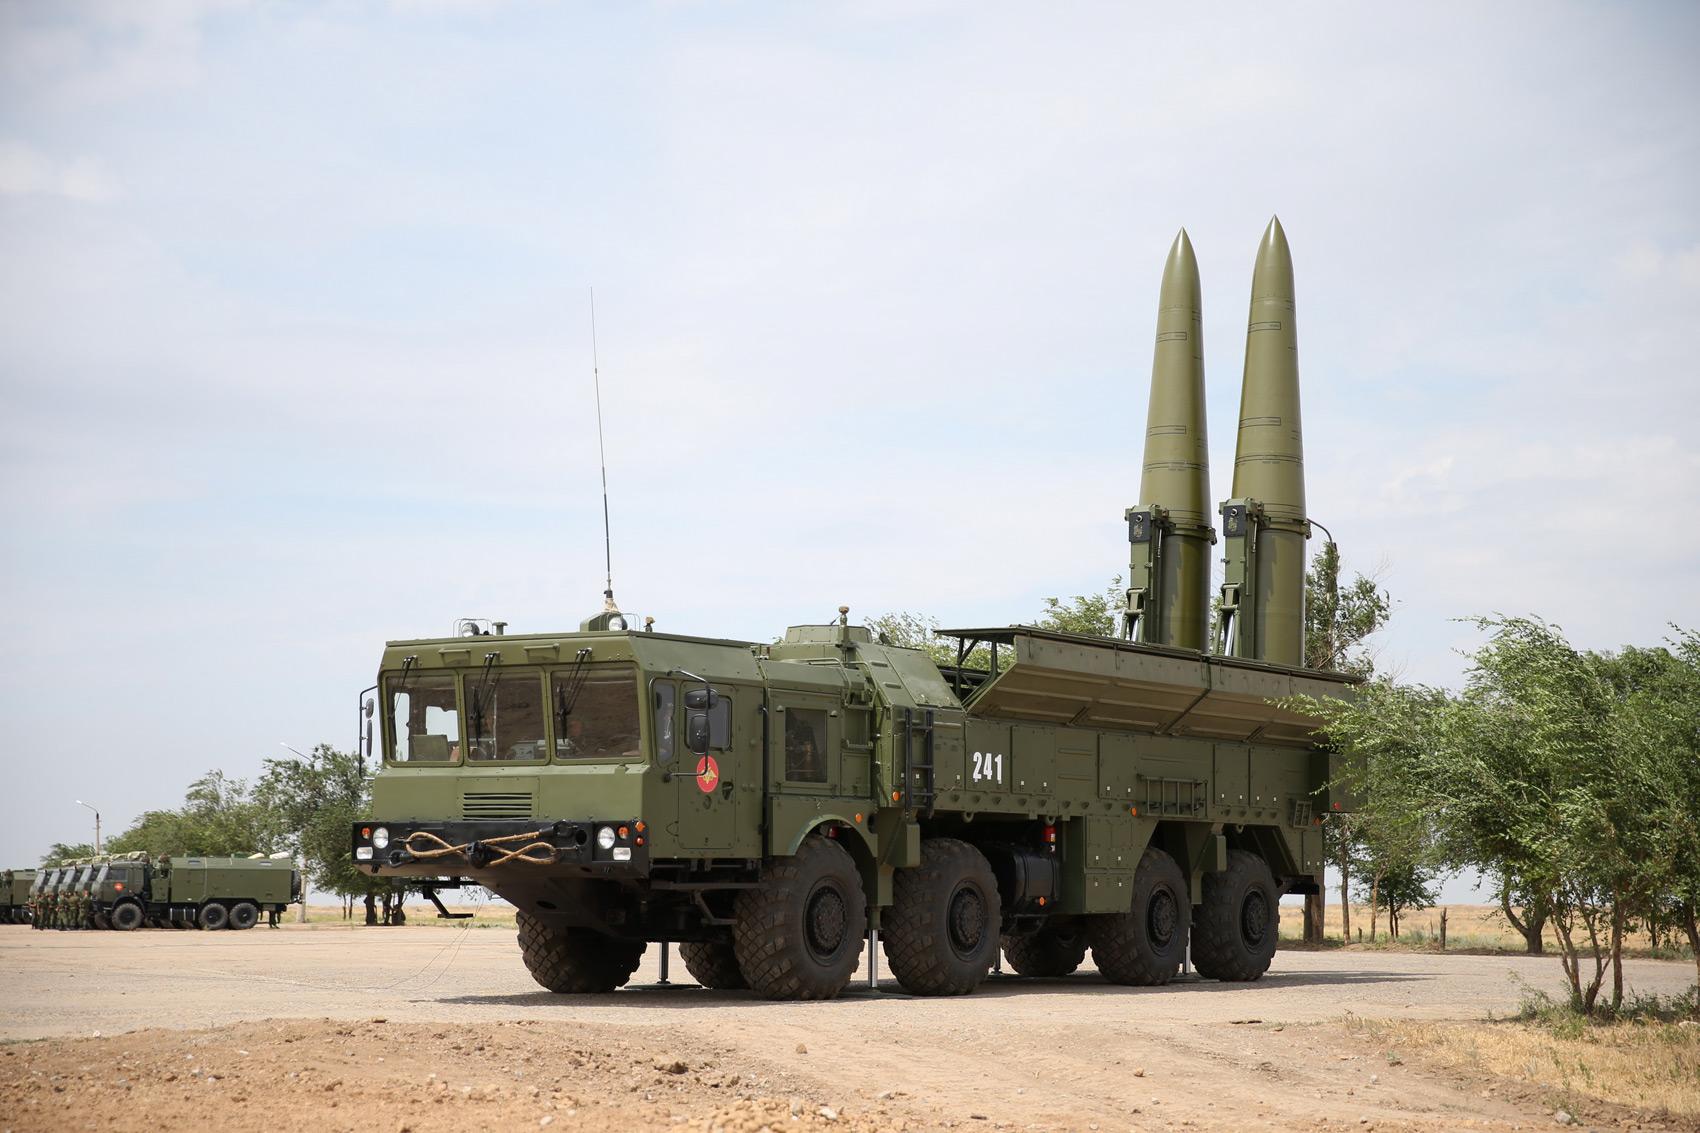 Rosyjskie agencje: Na Krymie są bombowce strategiczne i Iskandery